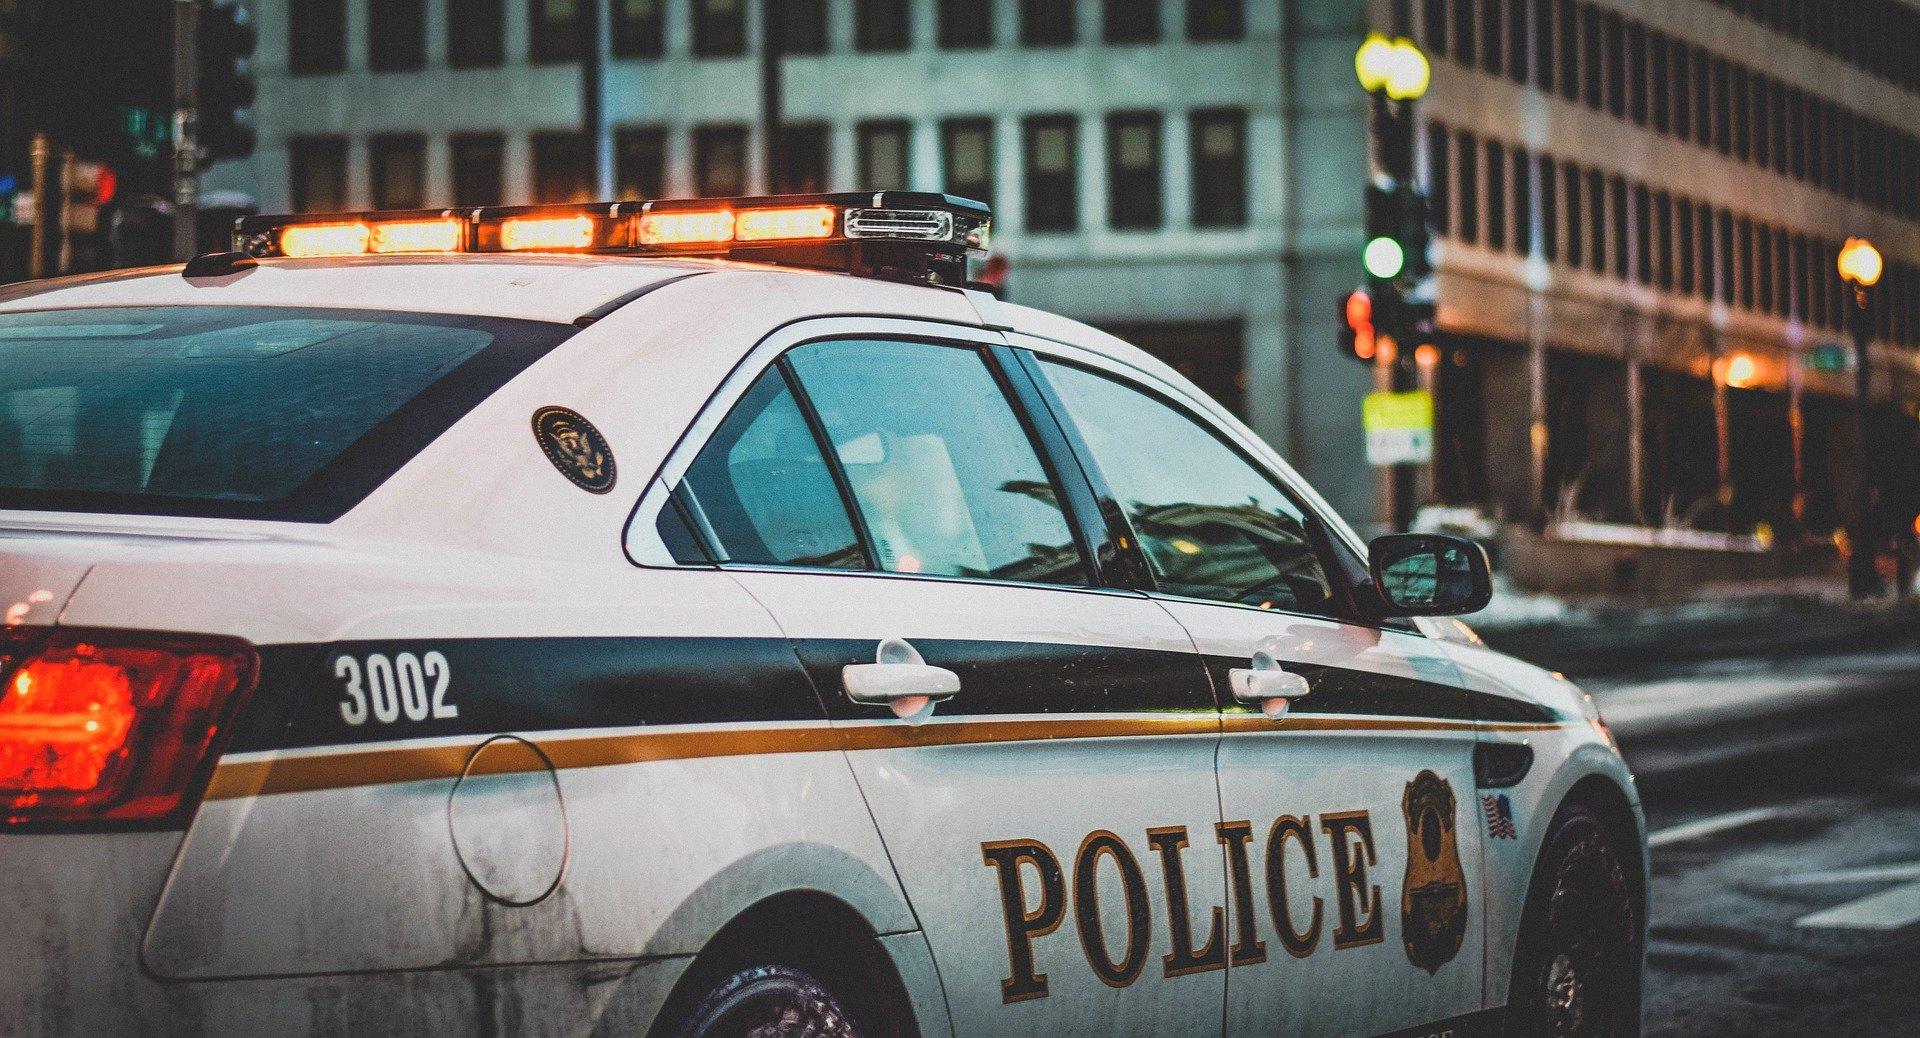 【武蔵小杉の警察署】中原警察署のアクセスと窓口営業時間まとめ